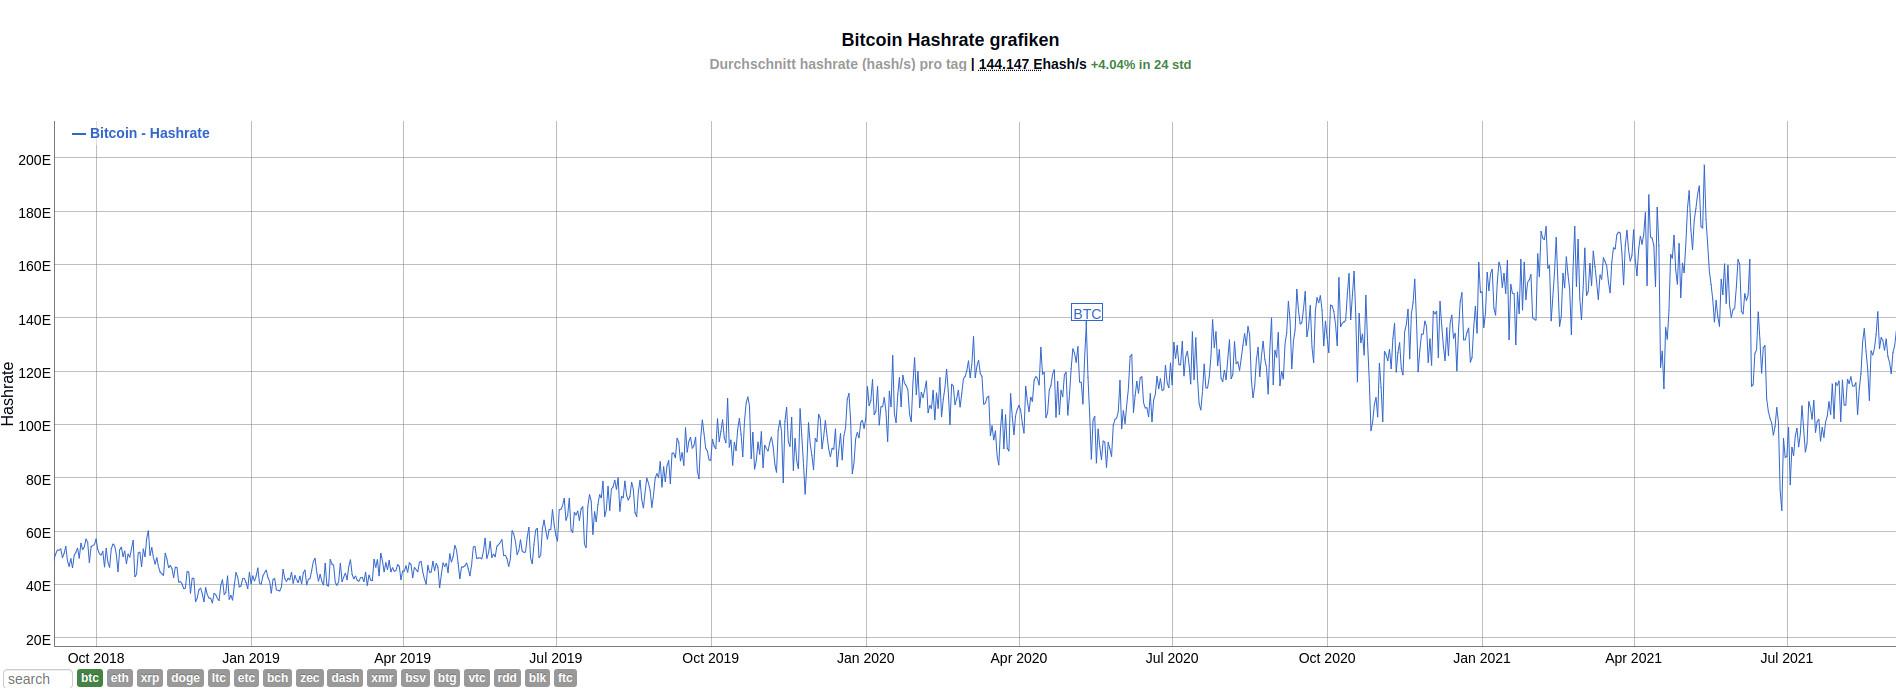 Hashrate: Das Bitcoin-Netzwerk erholt sich